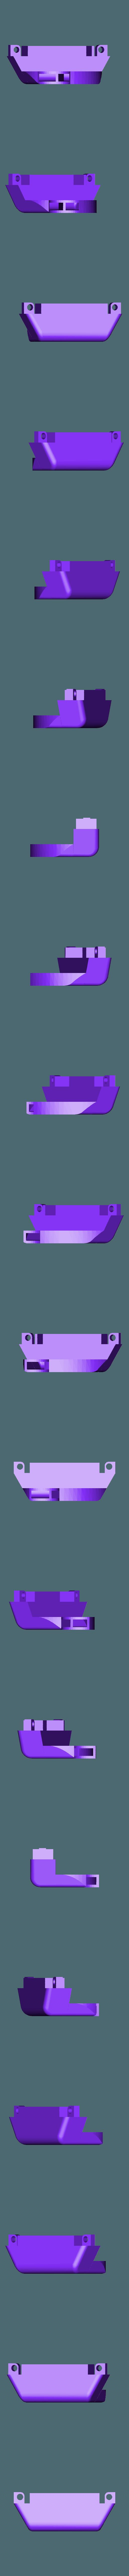 BOQUILLA - DIFUSOR AIRE BOQUILLA-1.STL Télécharger fichier STL gratuit BUSE DE VENTILATEUR D'EXTRUDEUSE • Design pour impression 3D, pinzonjoseluis91